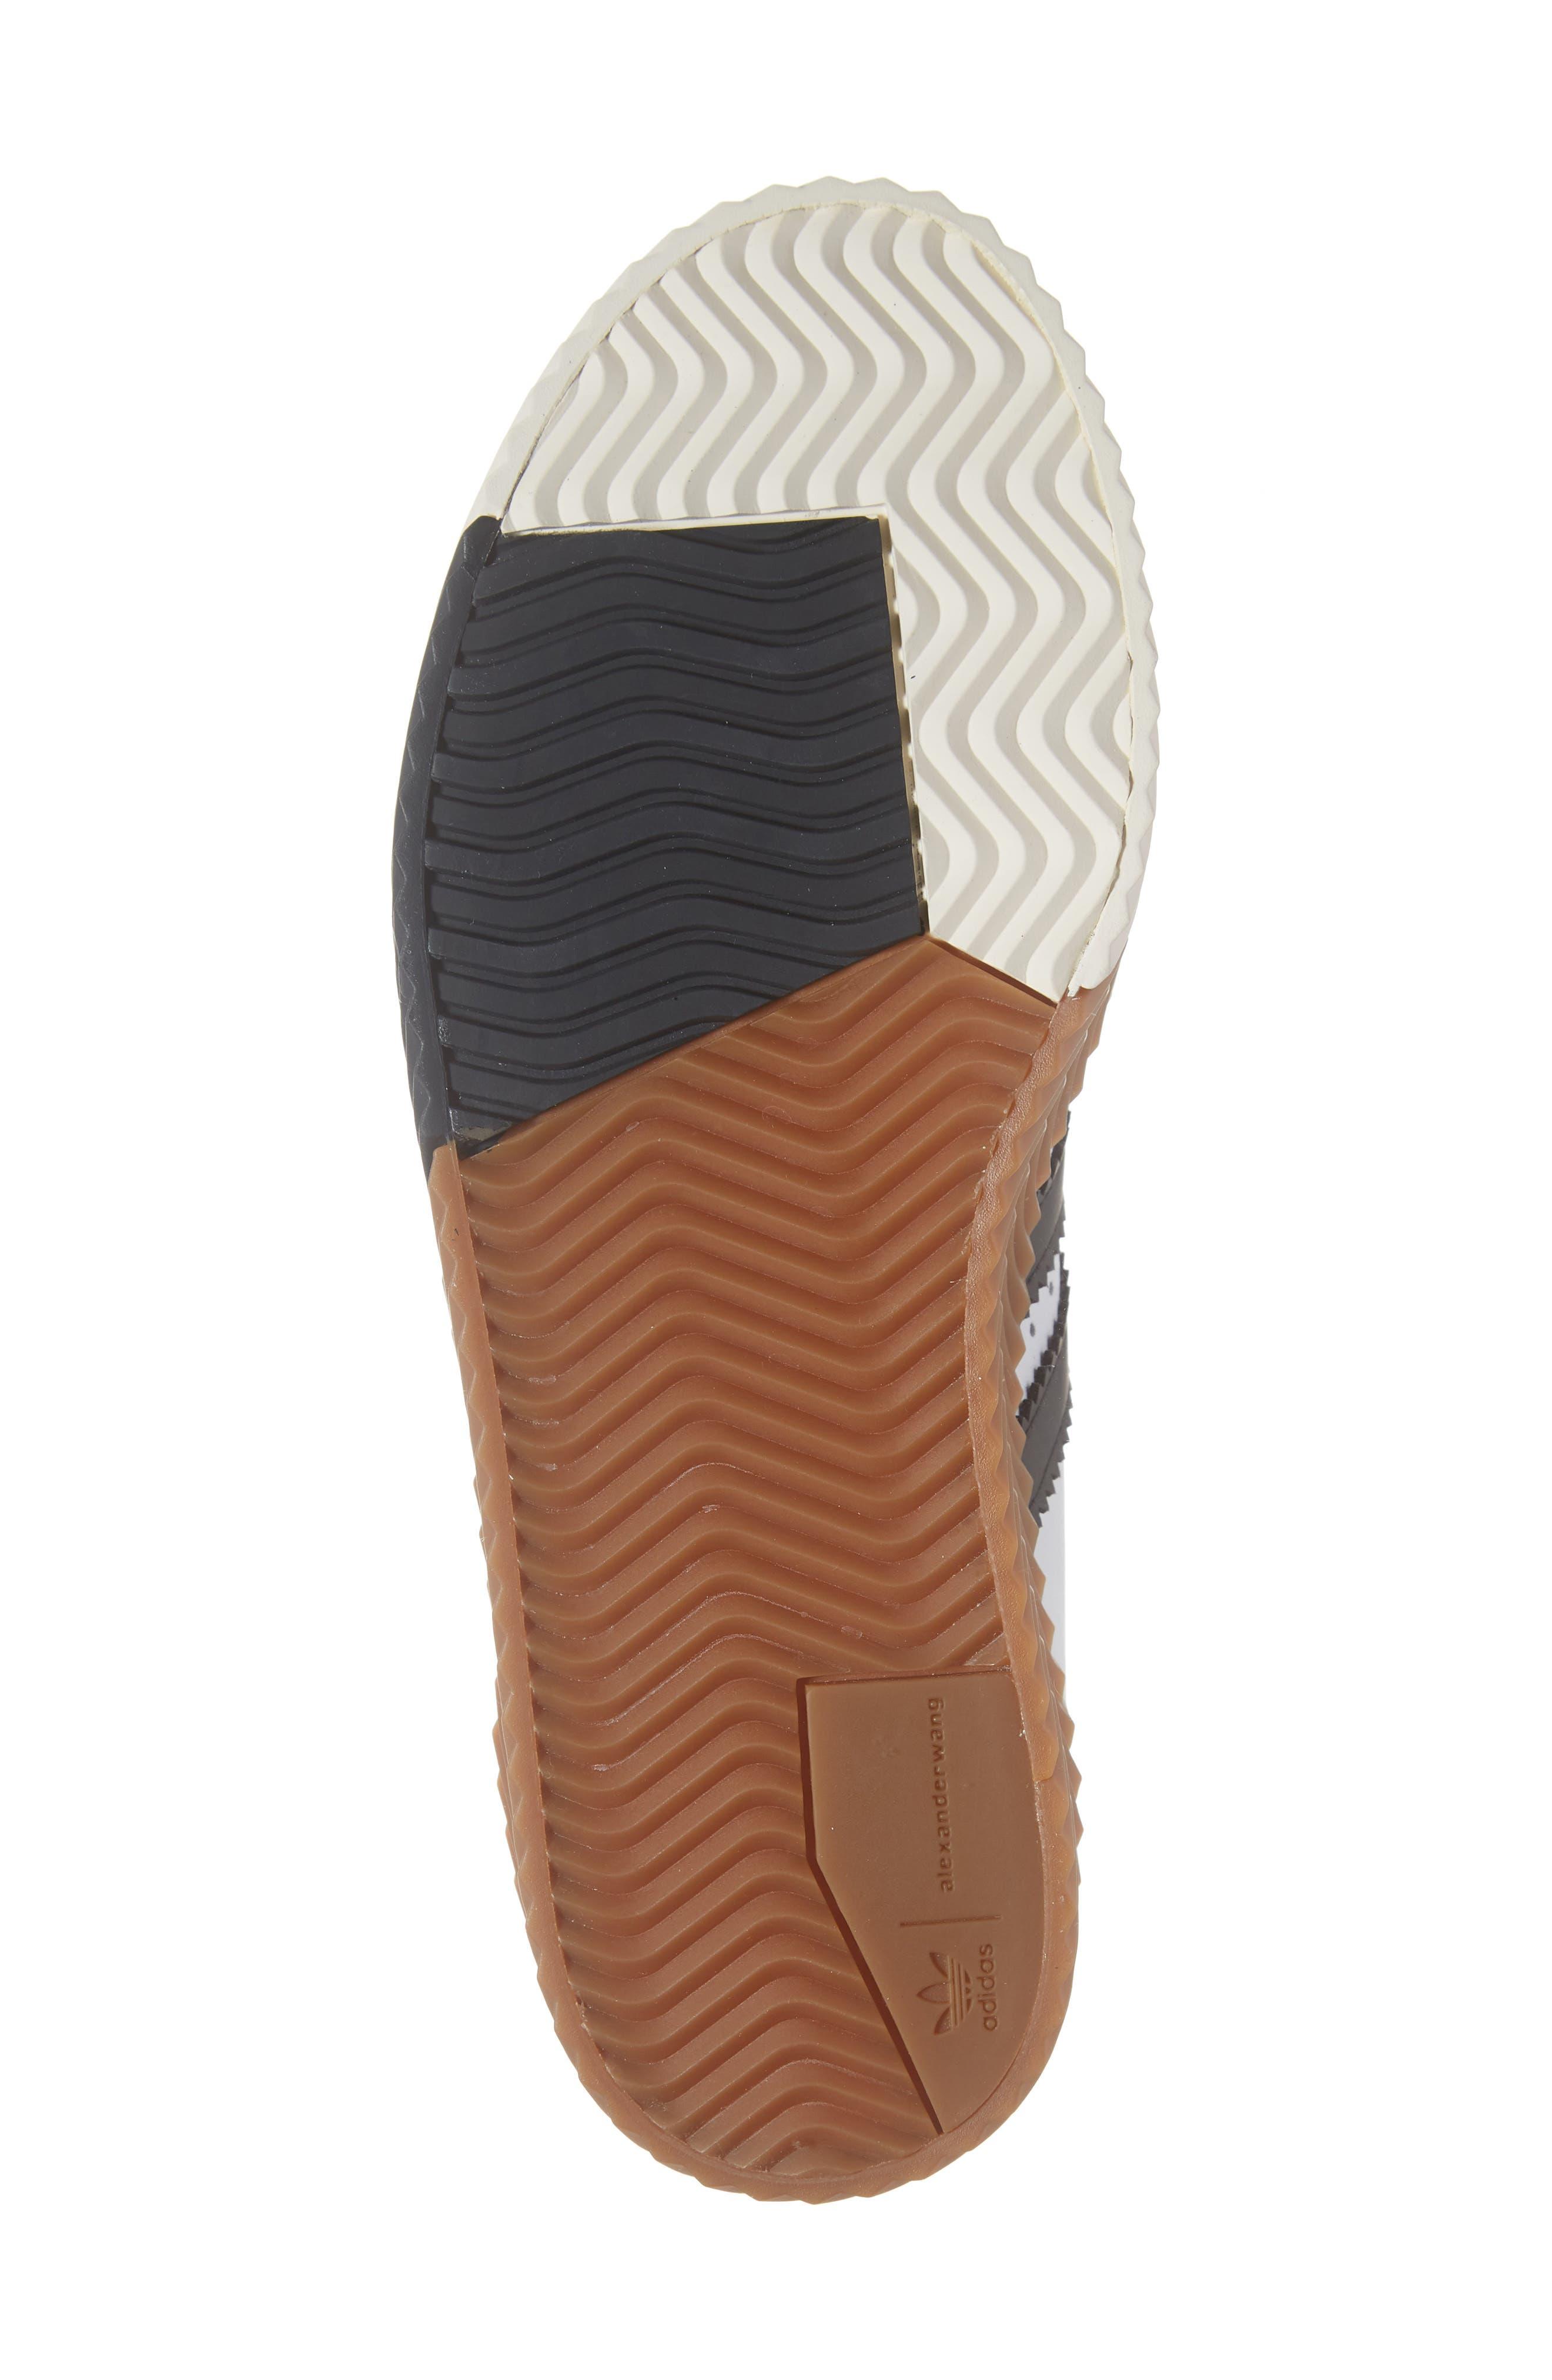 Skate Super Sneaker,                             Alternate thumbnail 6, color,                             WHITE/ BLACK/ BROWN